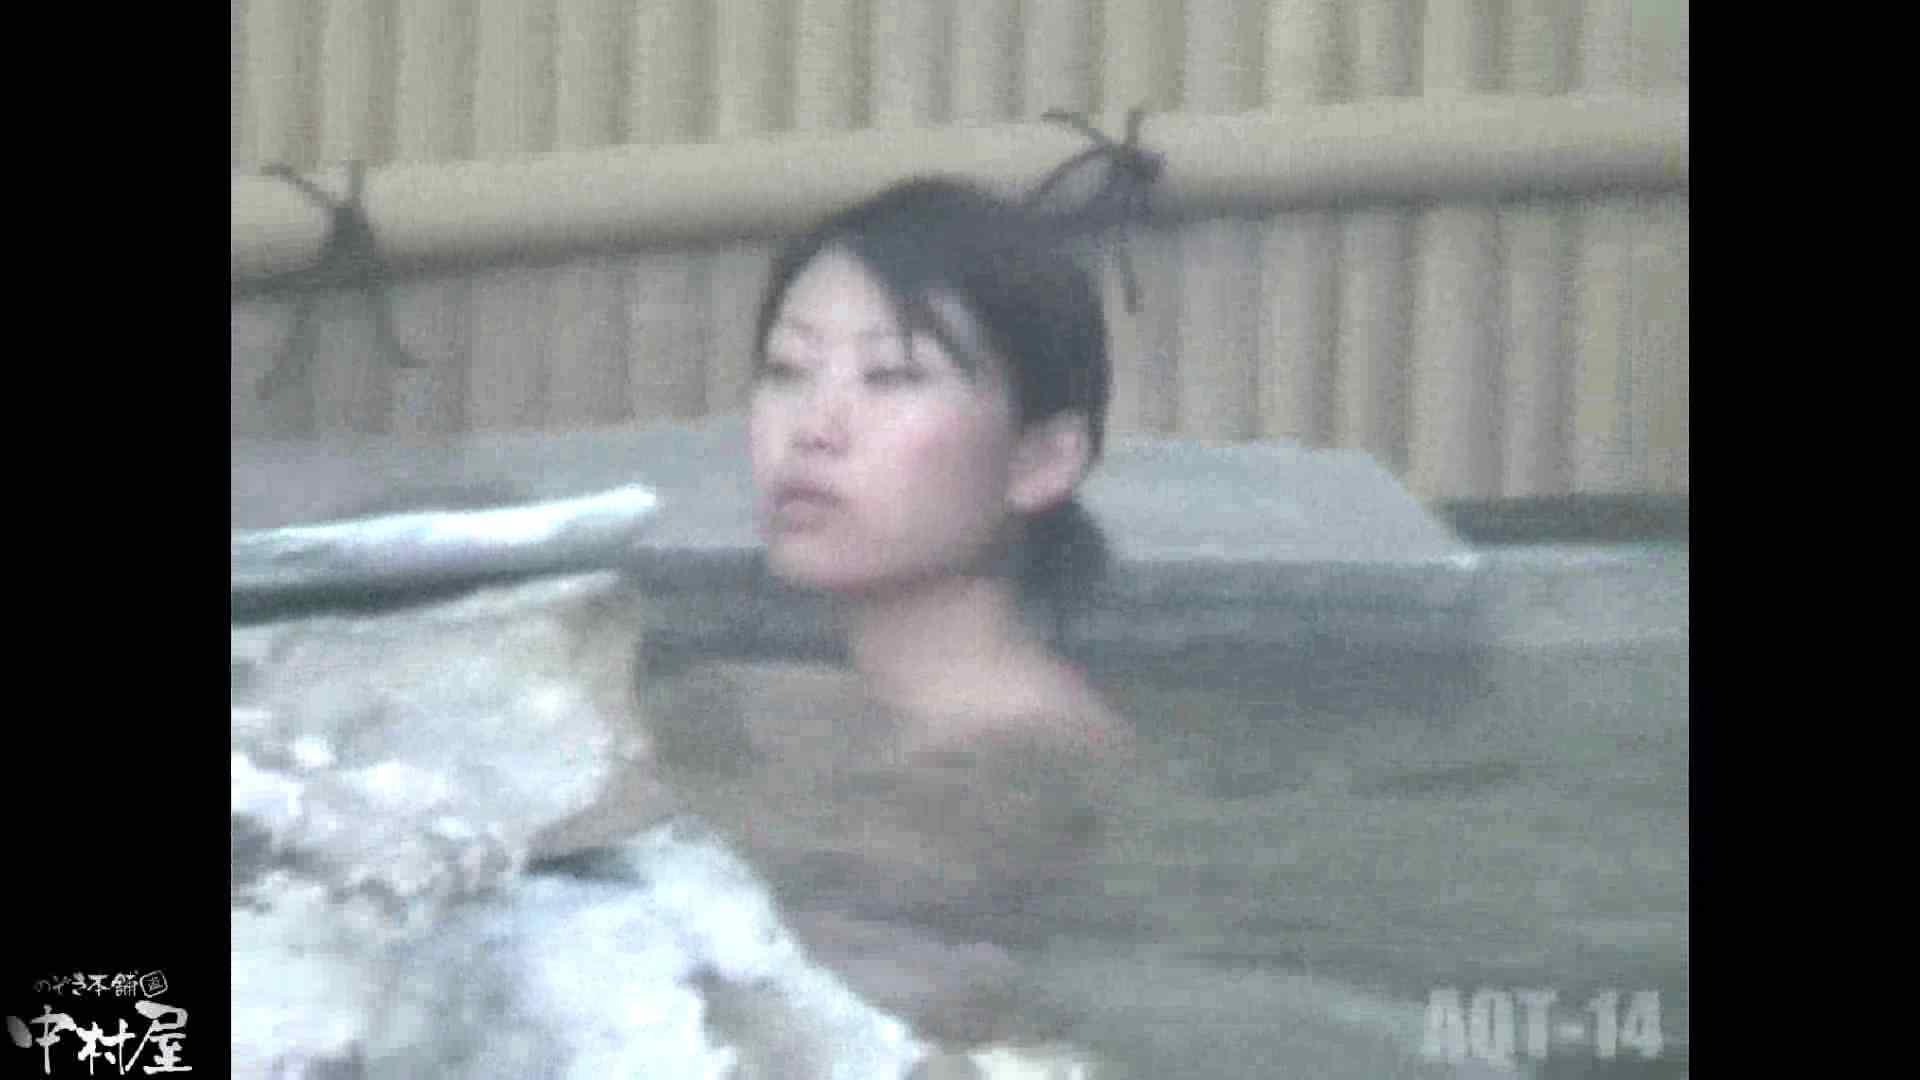 Aquaな露天風呂Vol.878潜入盗撮露天風呂十四判湯 其の一 盗撮シリーズ   露天風呂編  79PIX 10